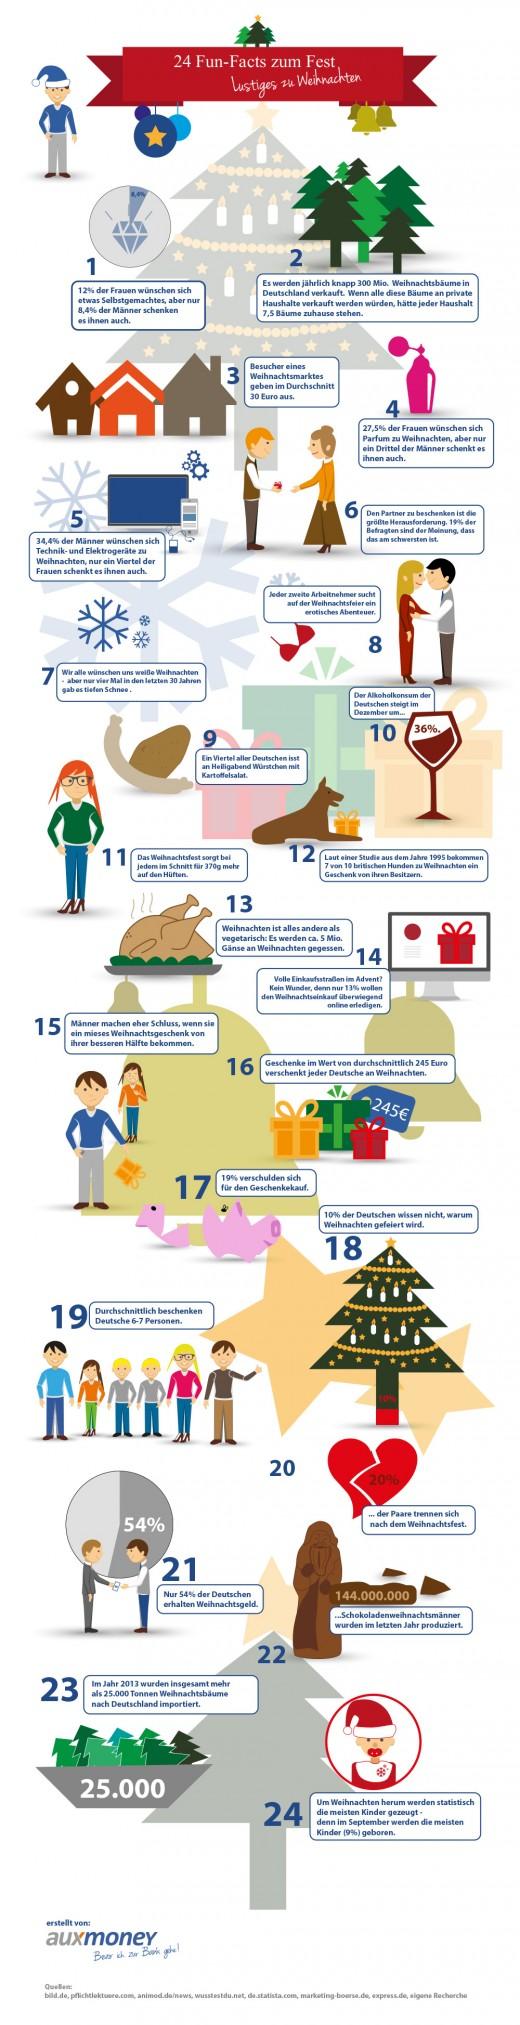 Weihnachten-24-Fun-Facts-zum-Fest